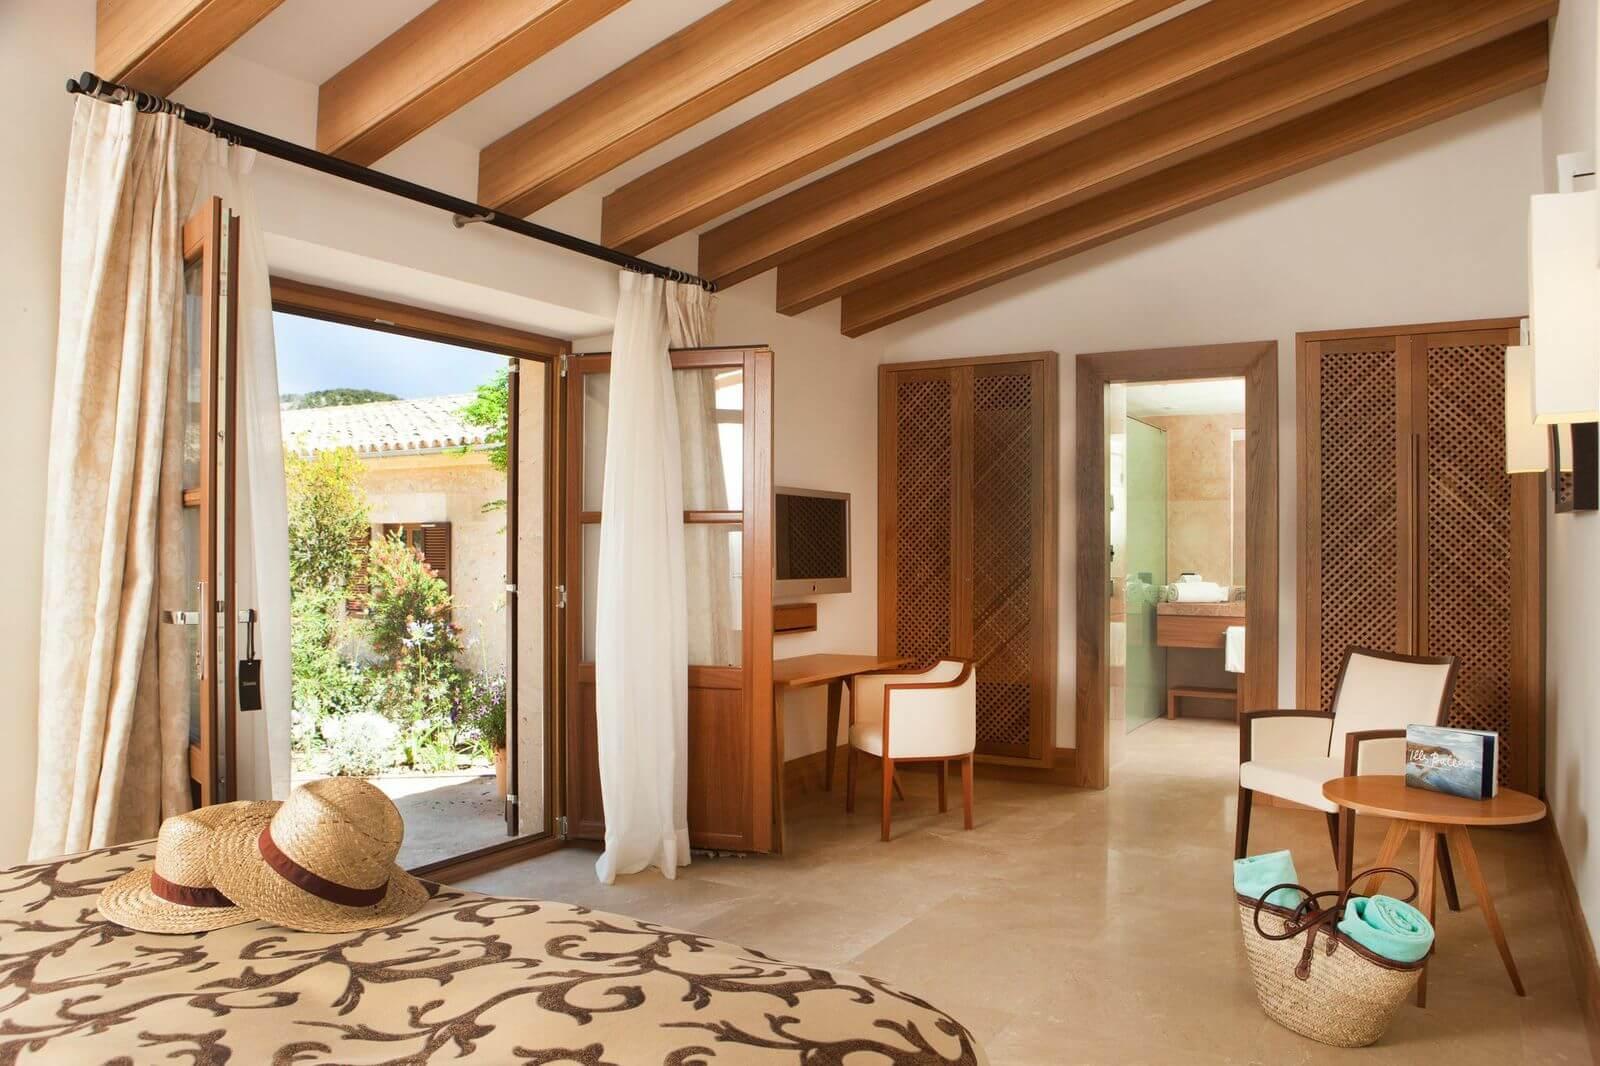 Suites y Habitaciones del Hotel de lujo en Mallorca, Castell Son Claret (6)